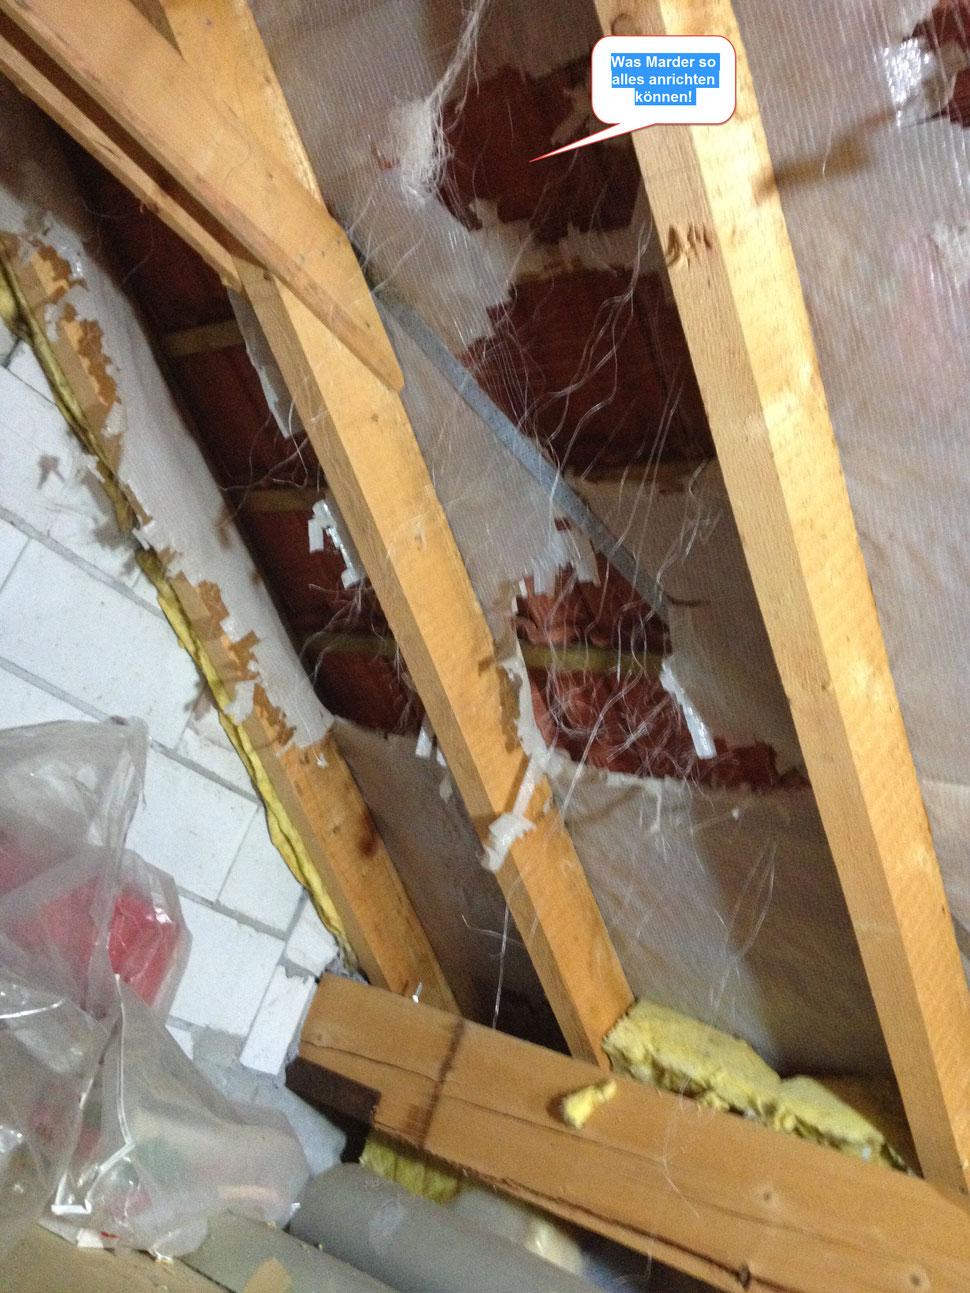 Marder zerstören hier die Dämmung unterm Dach eines Hauses. Der Schaden ist beträchtlich und kann Tausende von Euros betragen.